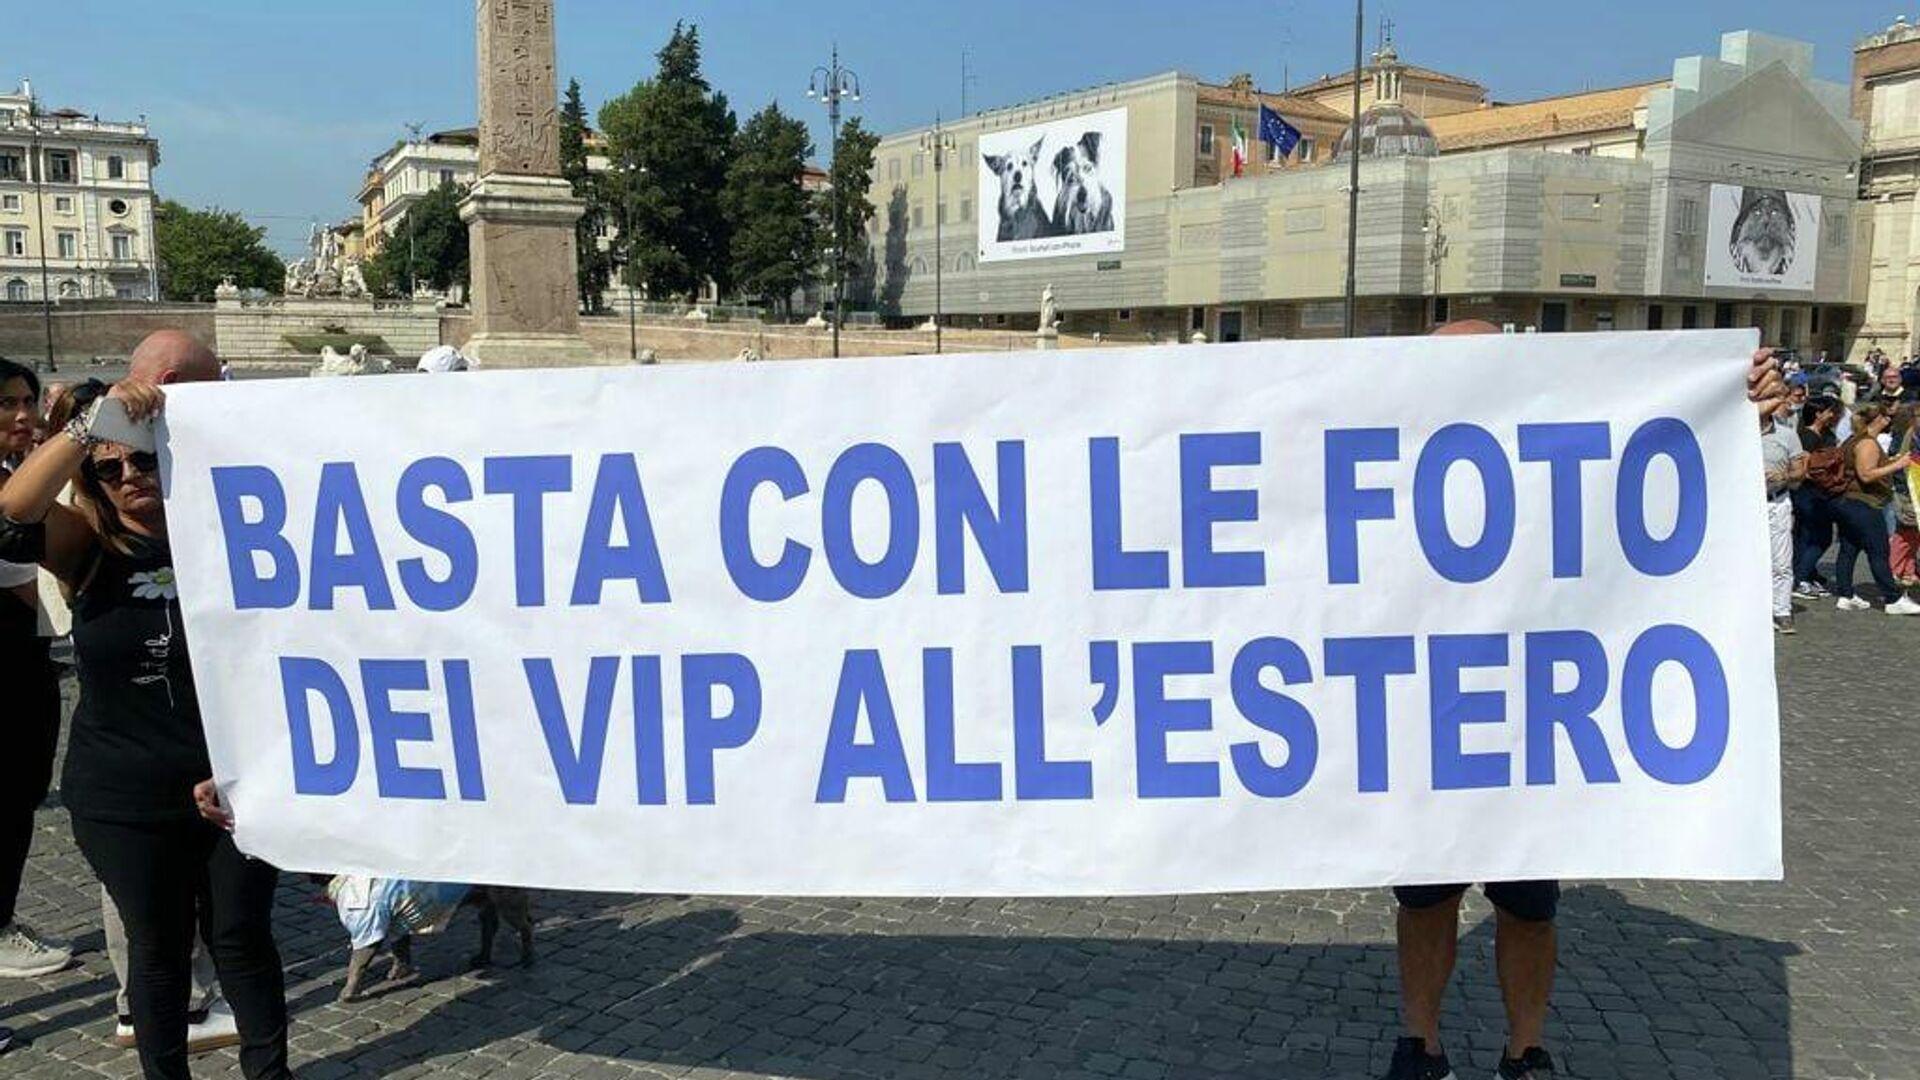 La manifestazione dell'8 settembre in Piazza del Popolo - Sputnik Italia, 1920, 08.09.2021